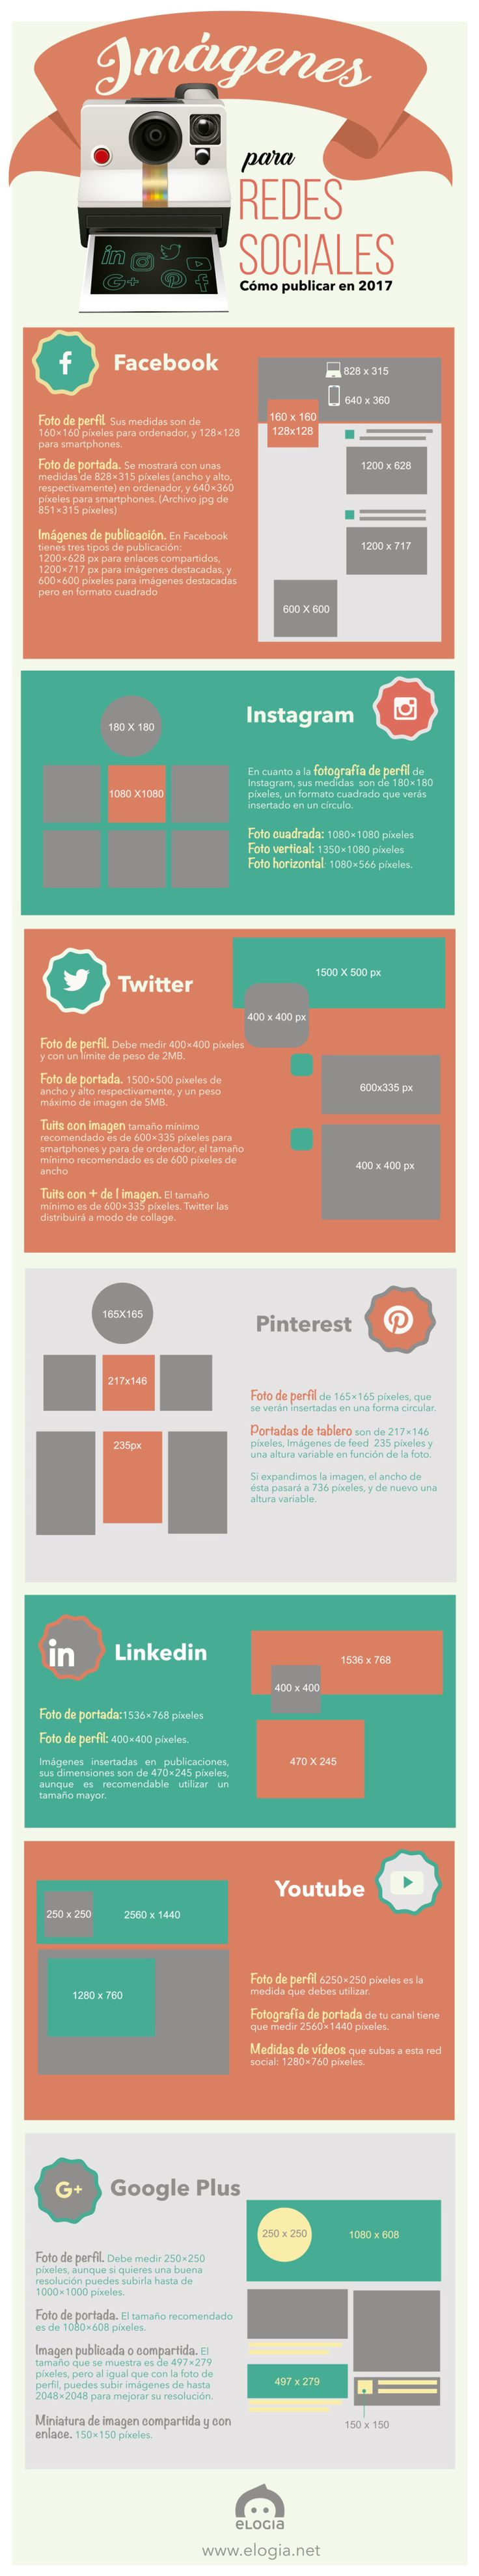 Tamaños de la imágenes en Redes Sociales #infografia